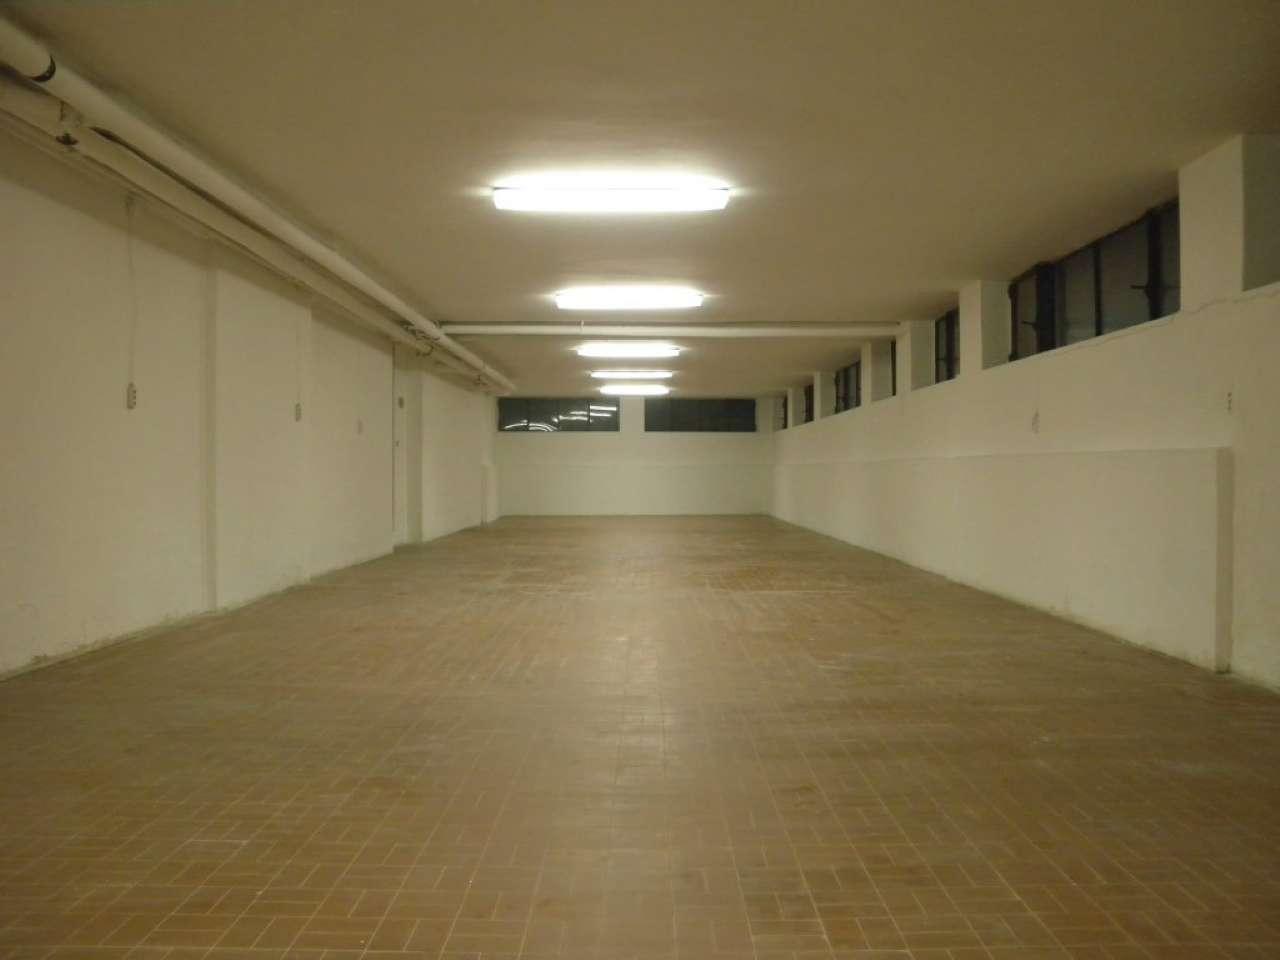 Magazzino in Vendita a Milano 07 Darsena /  Ticinese: 1 locali, 170 mq